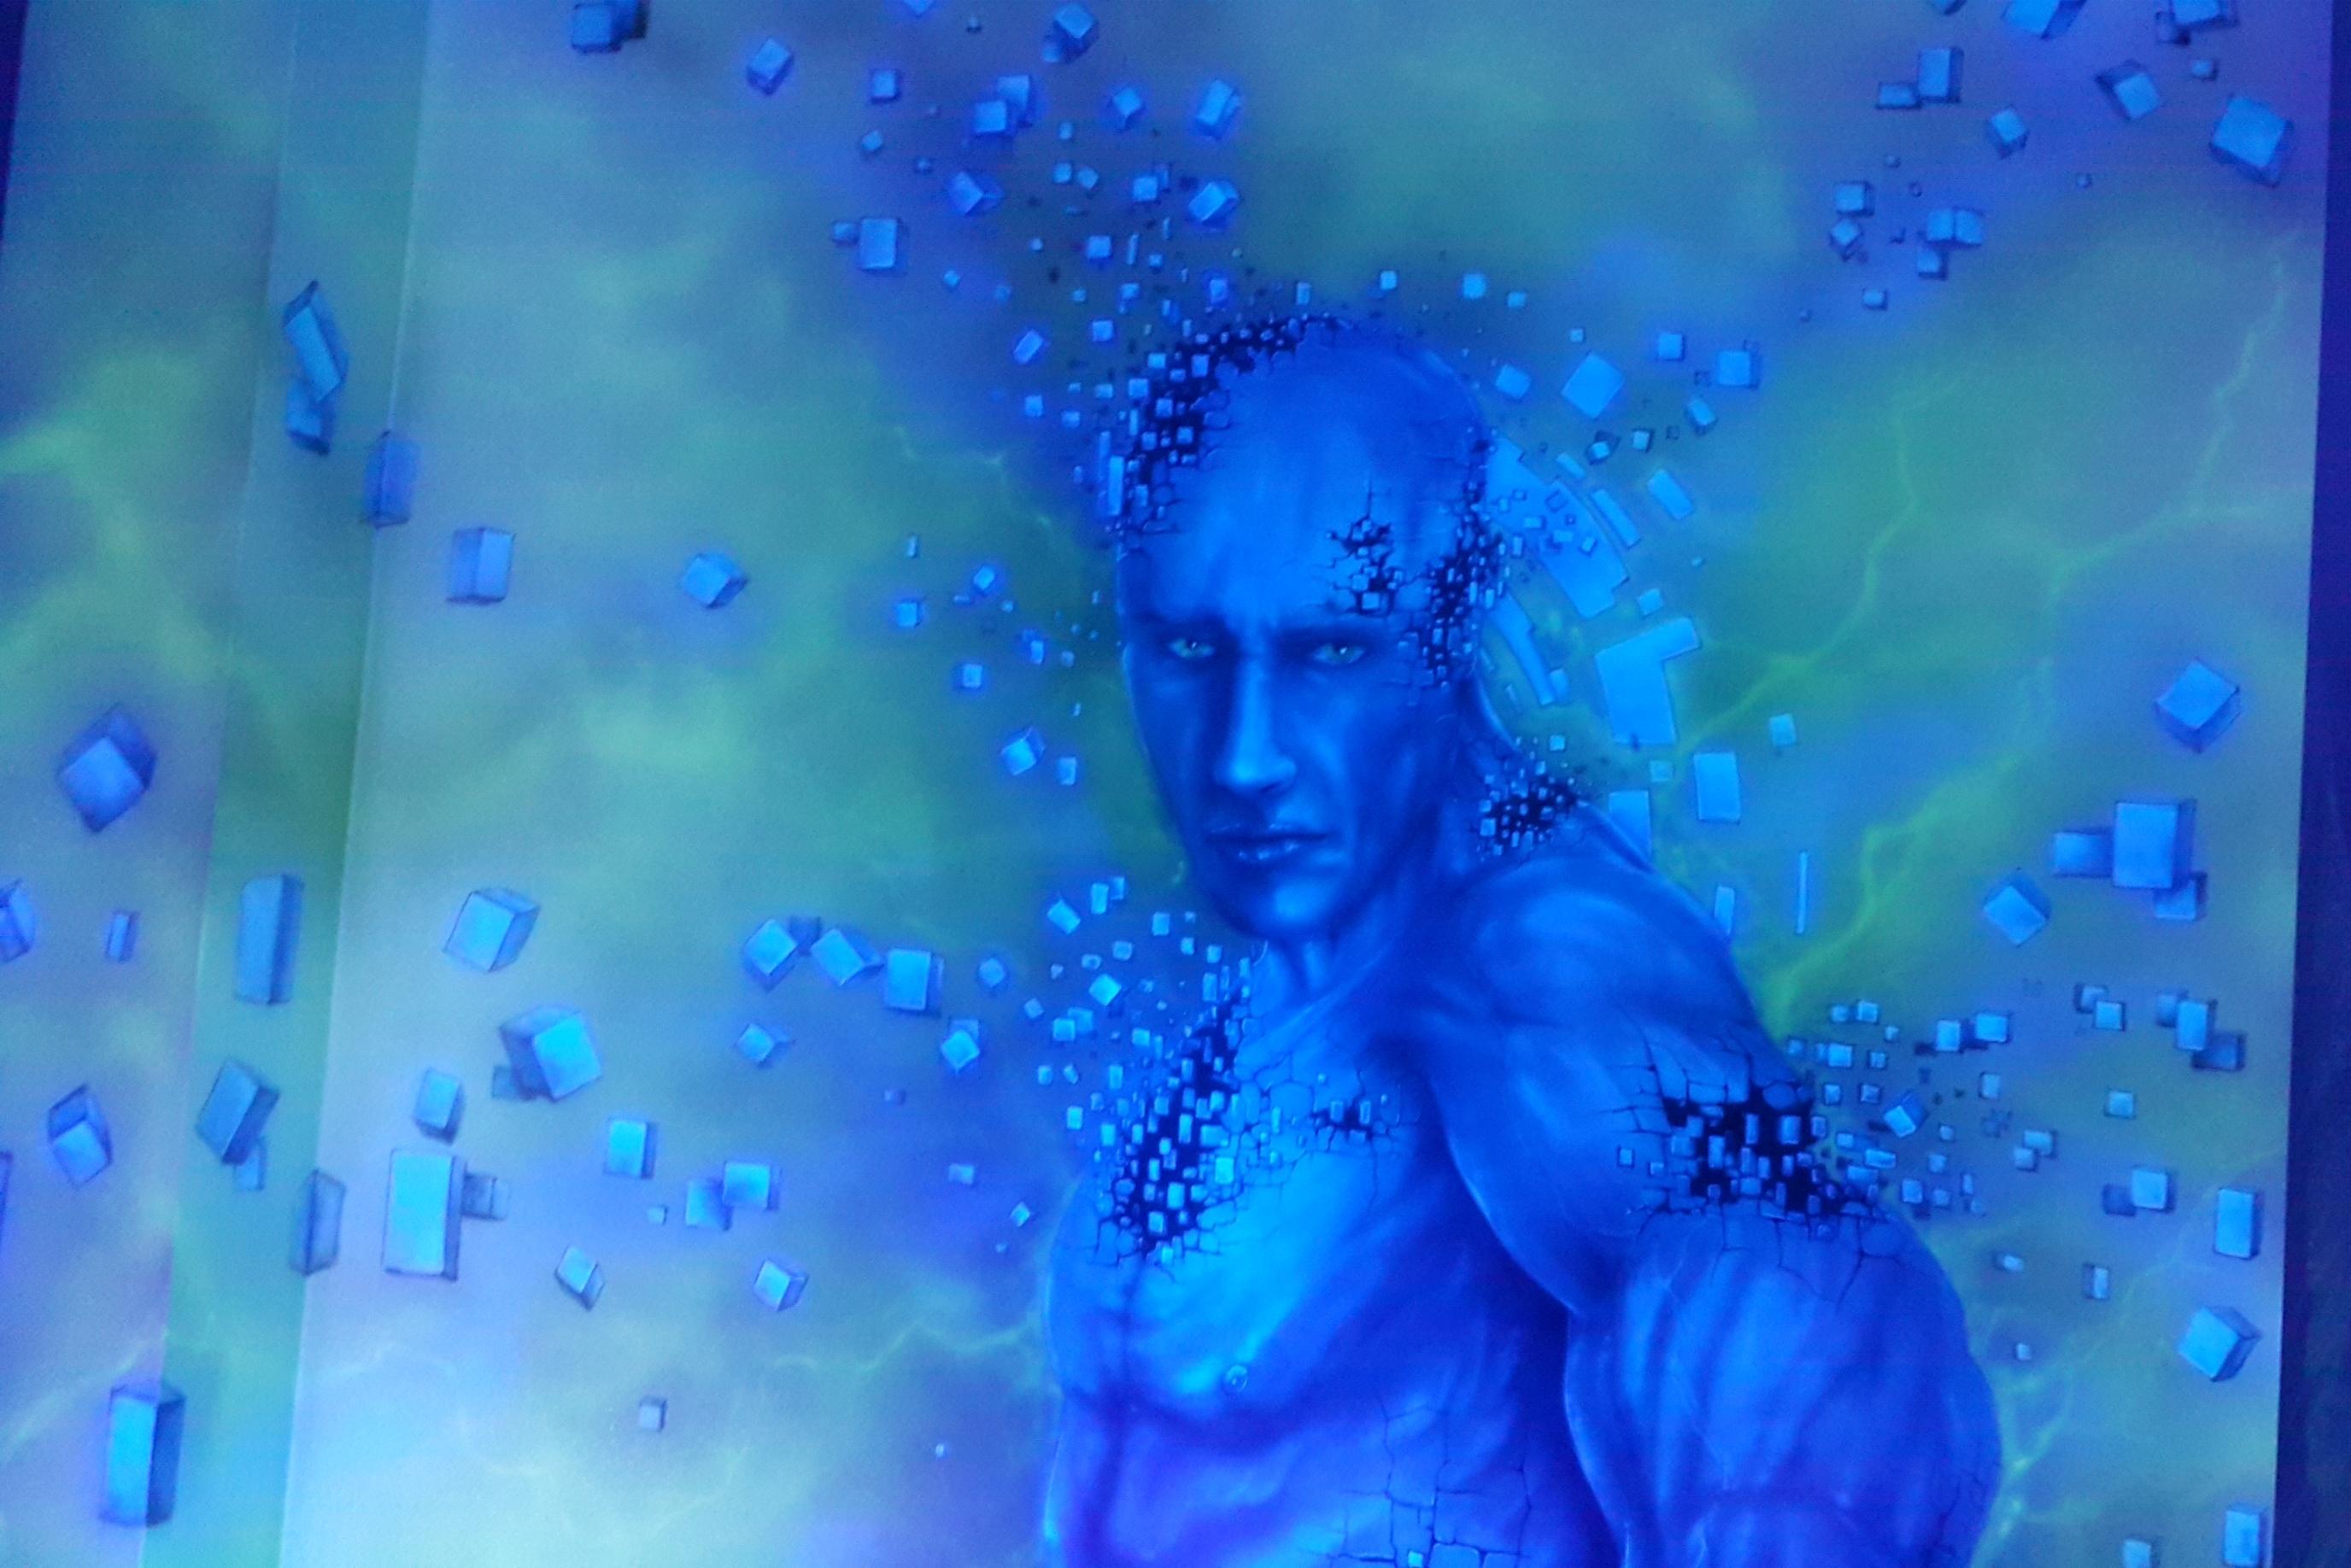 Obraz świecący w ciemności, mural UV namalowany w ultrafiolecie, obrazu malowane w ultrafiolecie